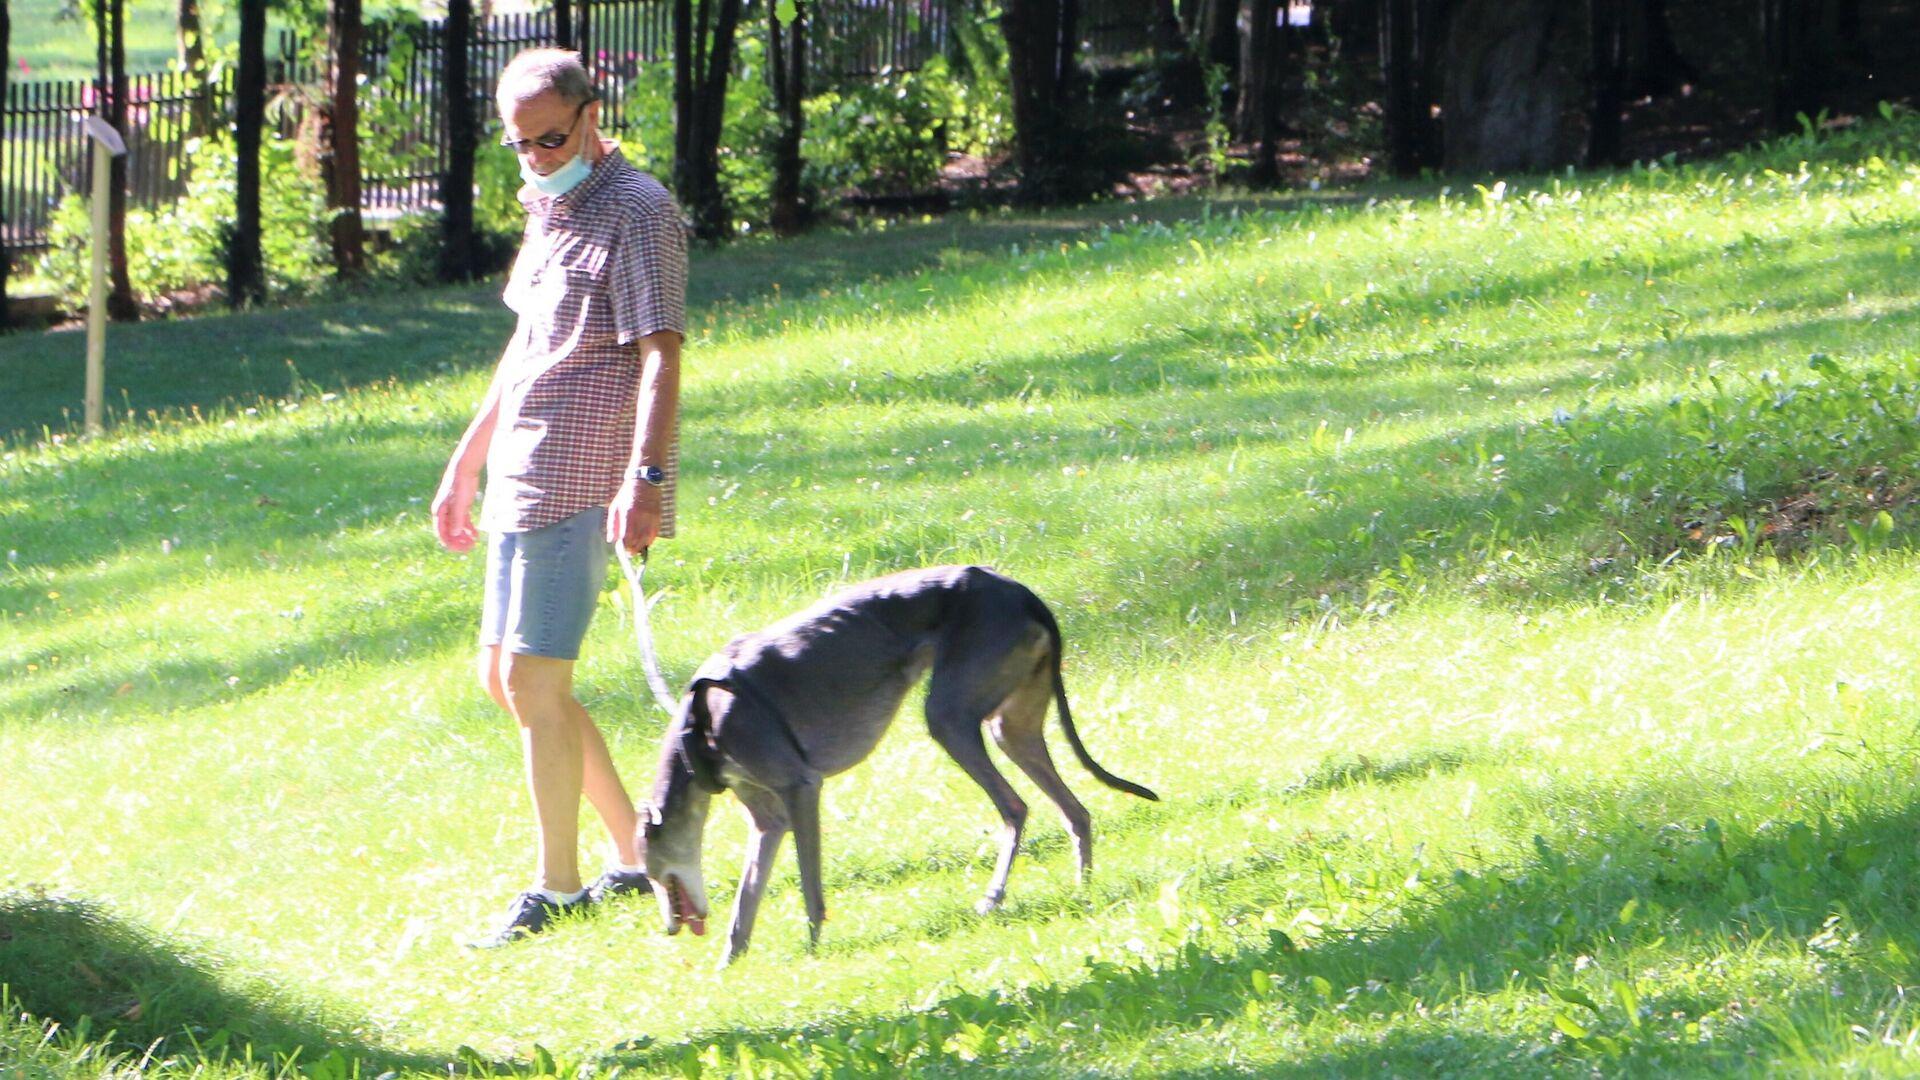 Un cane con un padrone fanno un giro in un parco in Italia - Sputnik Italia, 1920, 02.09.2021